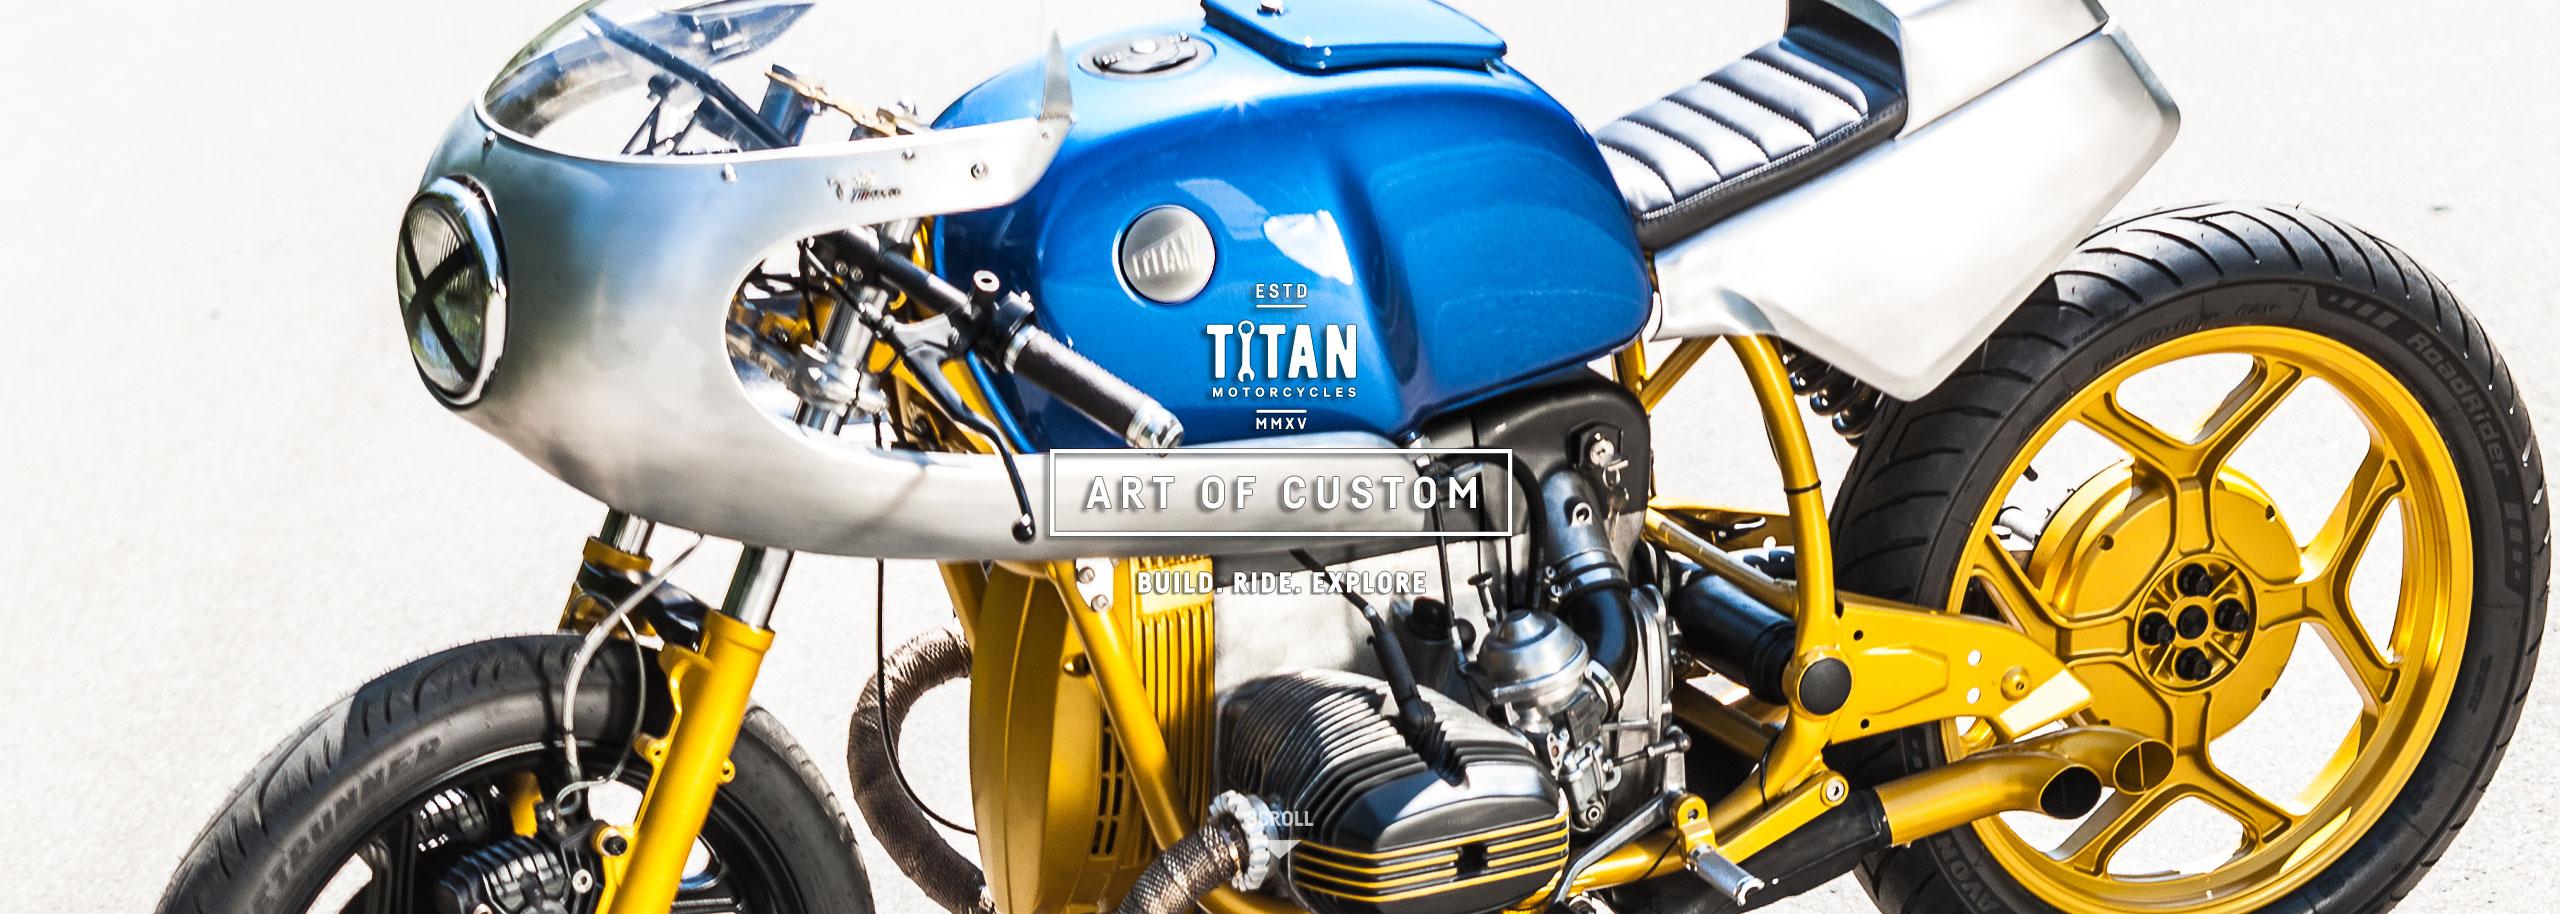 01_TITAN-Goldsmith_BMW-R80-RT_Umbau-Graz_Endurance-Racer-Austria-Vintage_Custom-Bikes-Styria_Typisierte-Umbauten